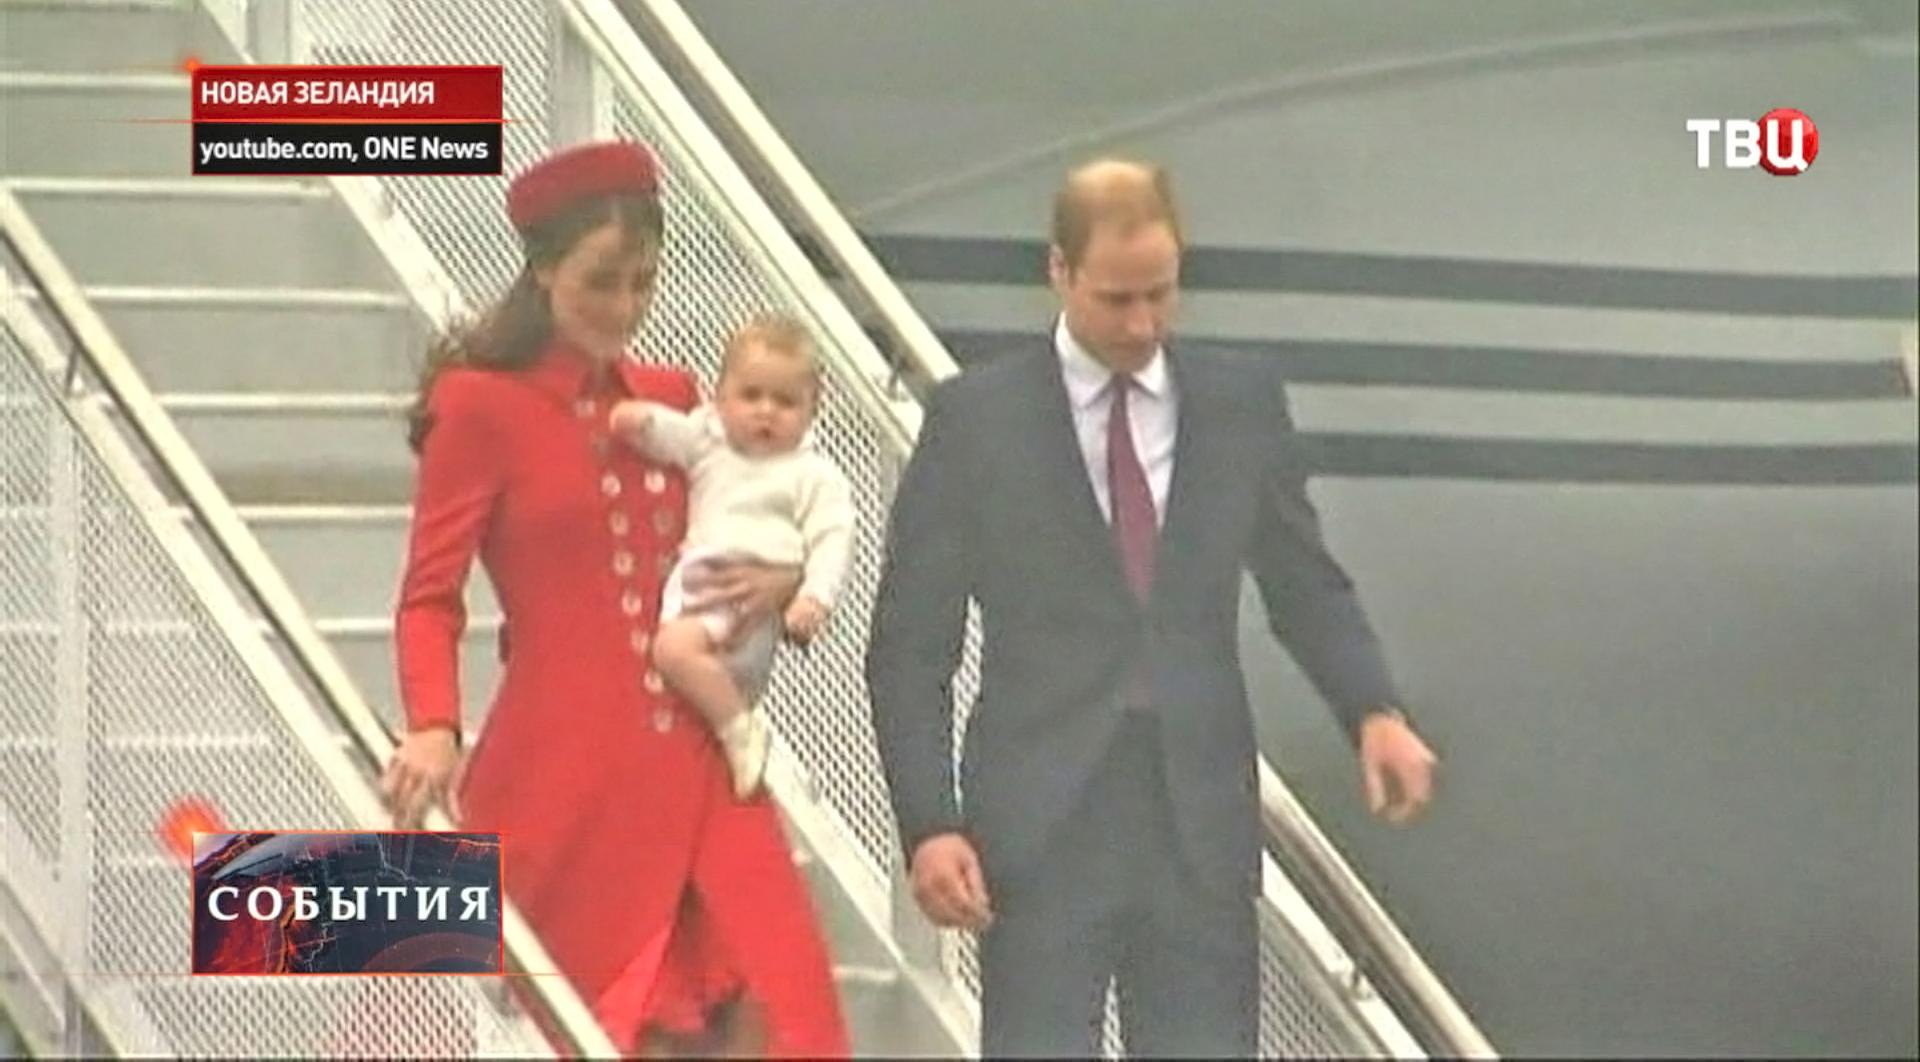 Принц Уильям c супругой Кейт и ребенком Джорджем